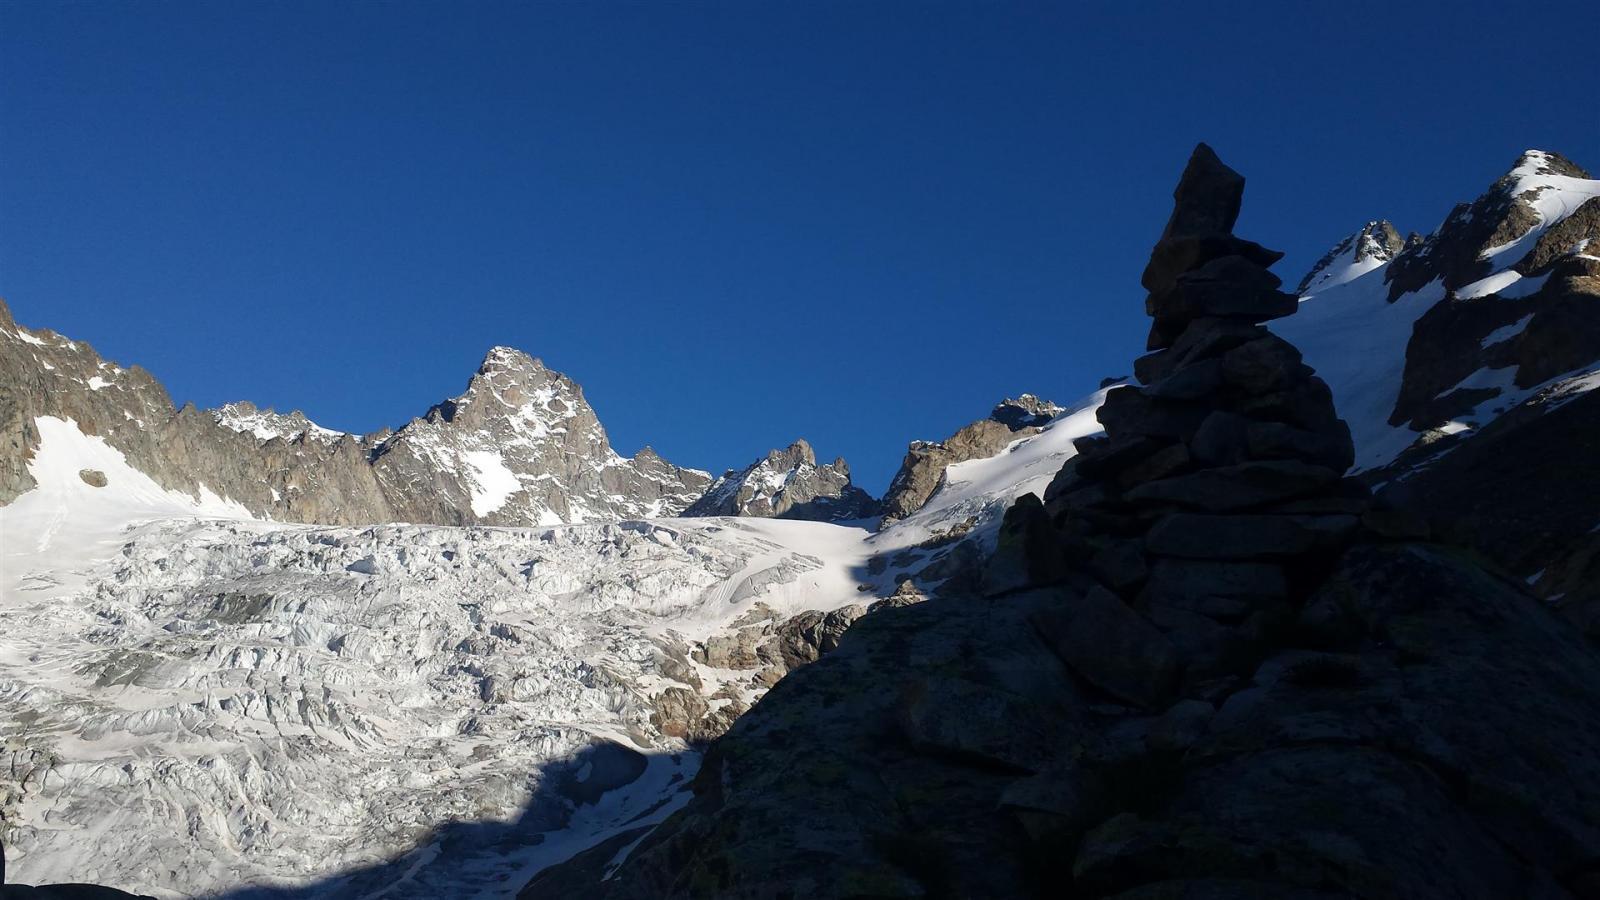 ghiacciaio Pre de Bar e Aig de Triolet